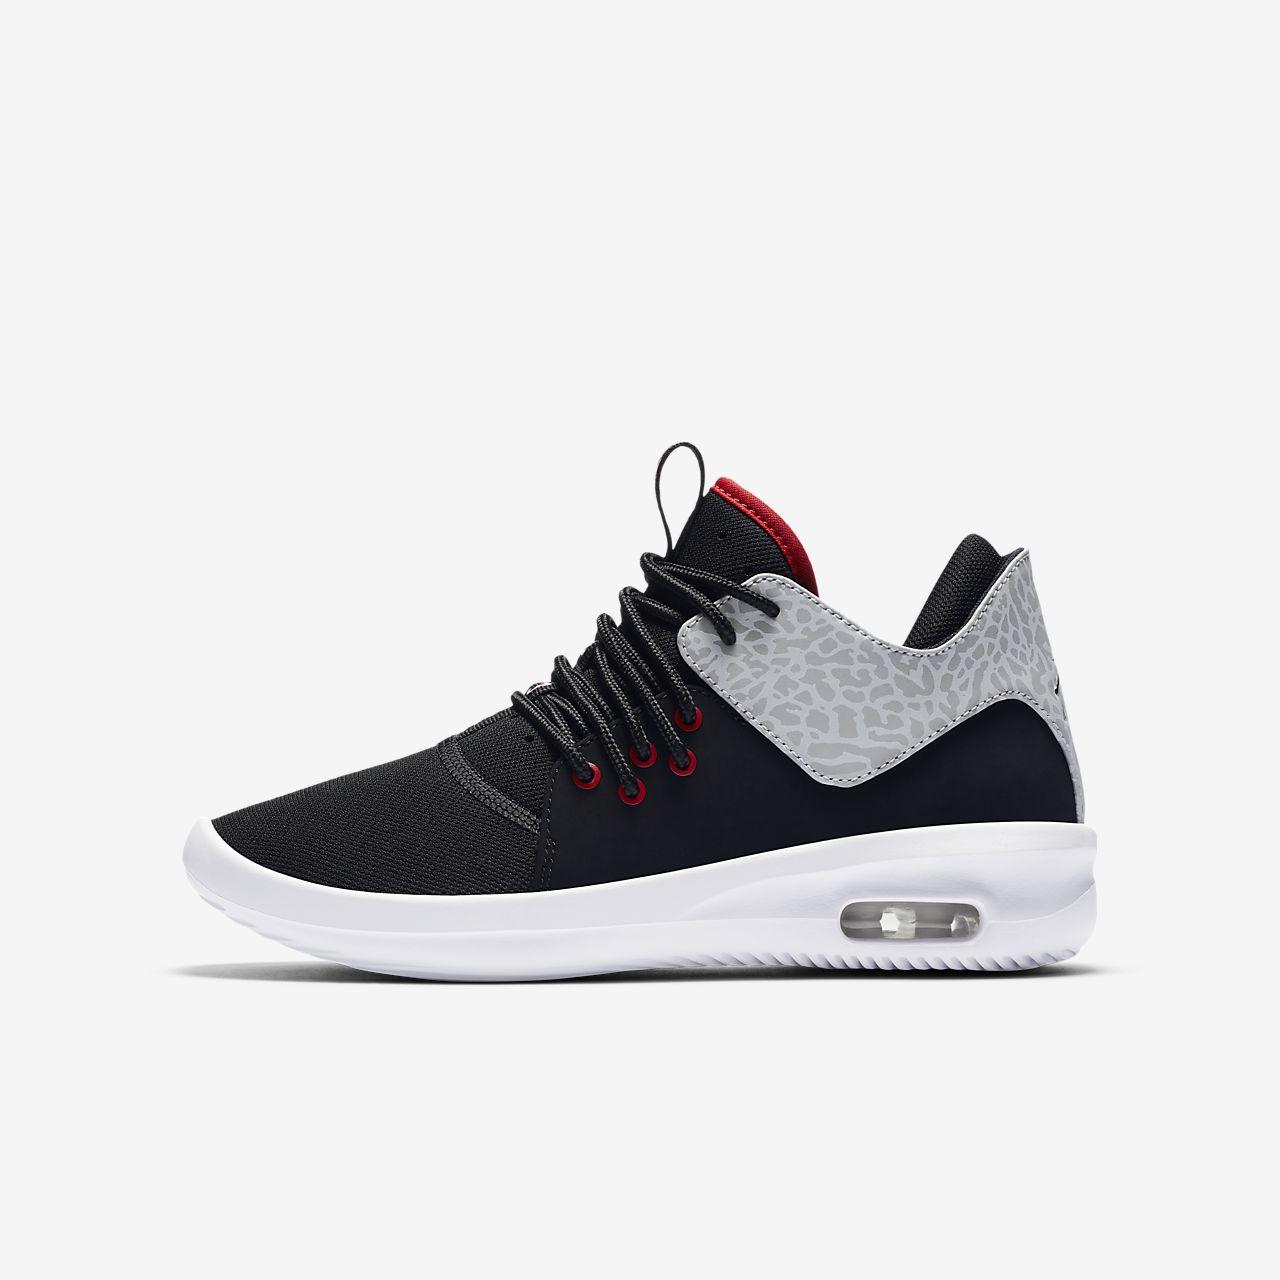 air jordan sneakers first air jordan shoes